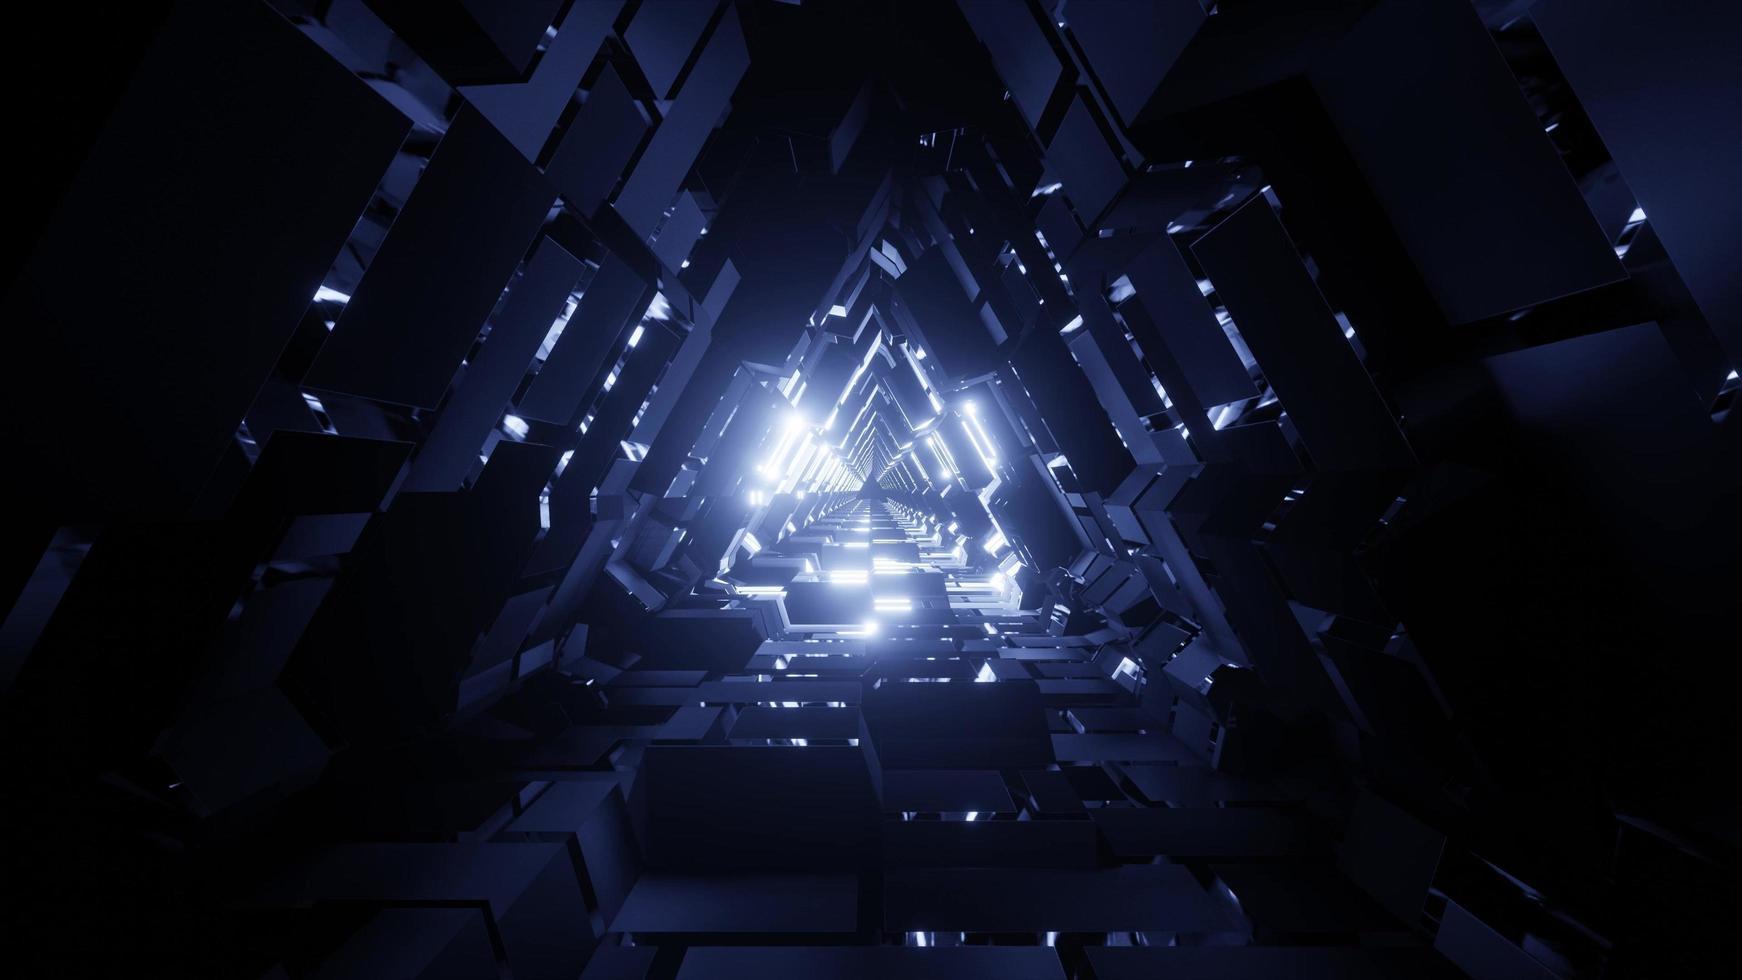 een 3D-afbeelding driehoek ruimte tunnel met textuur foto